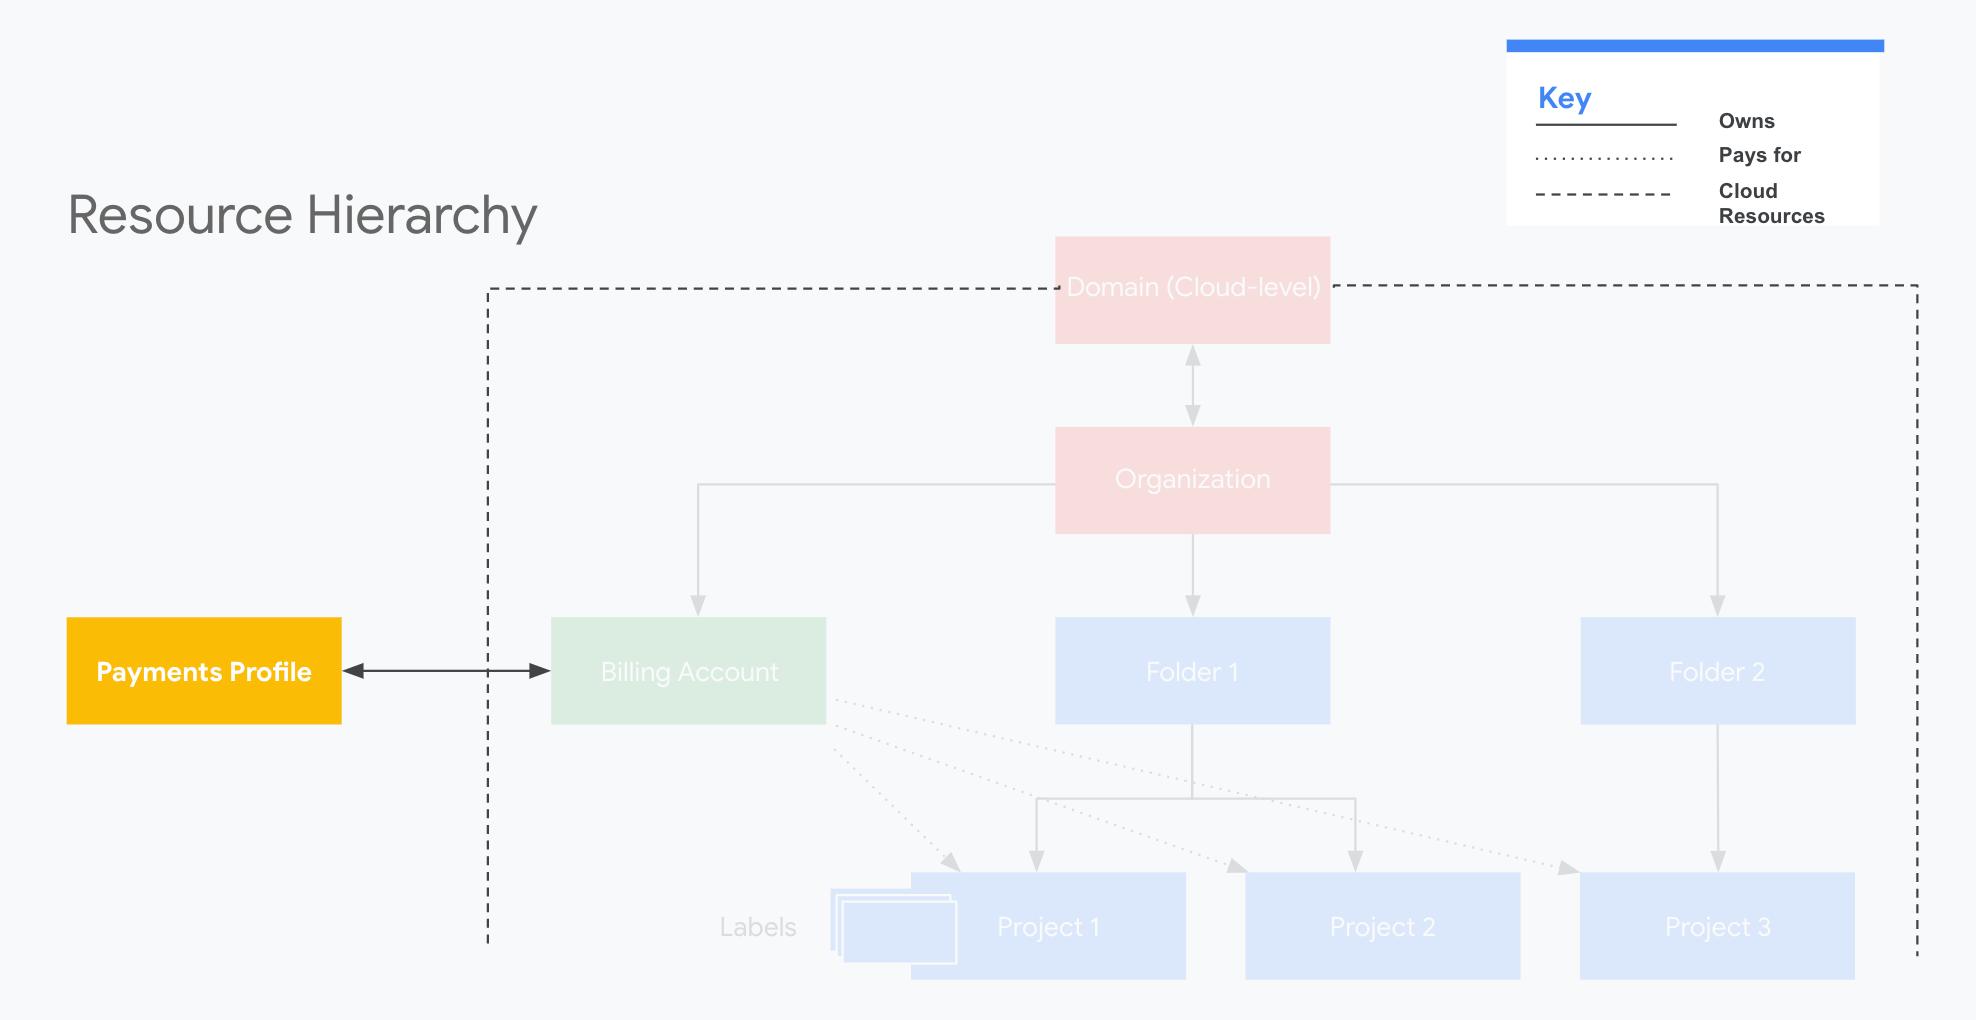 Profil de paiement Google dans la hiérarchie des ressources